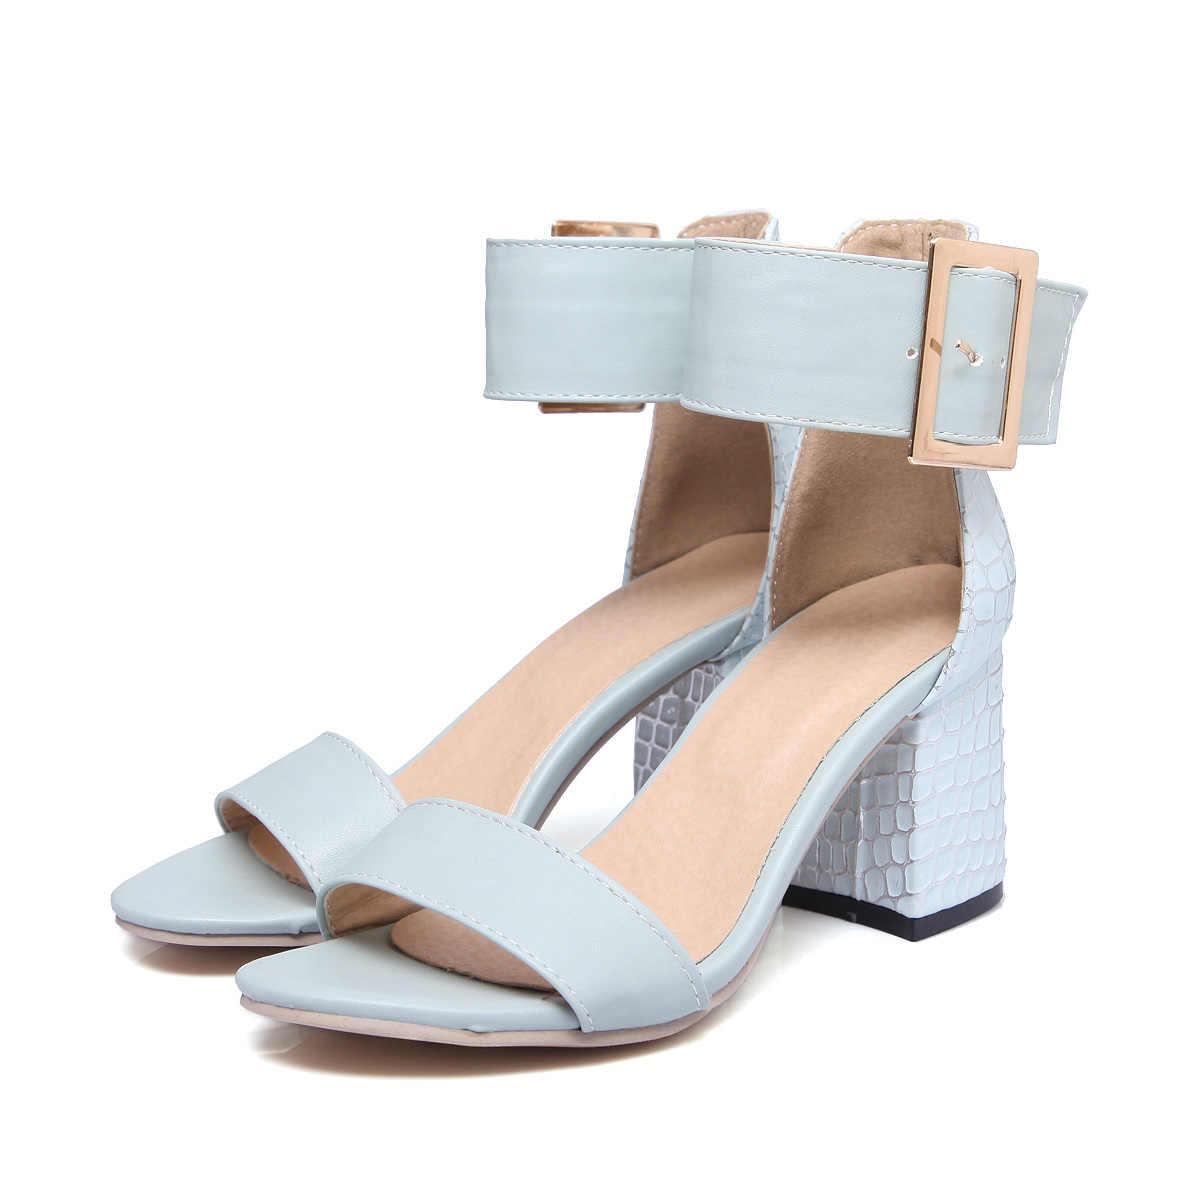 LDHZXC Kadınlar Sandal Kare Yüksek Topuk Platformu 2019 yeni Kadın Ayakkabı Slingback Peep Toe PU Deri Bayan Düğün Ayakkabı kadın